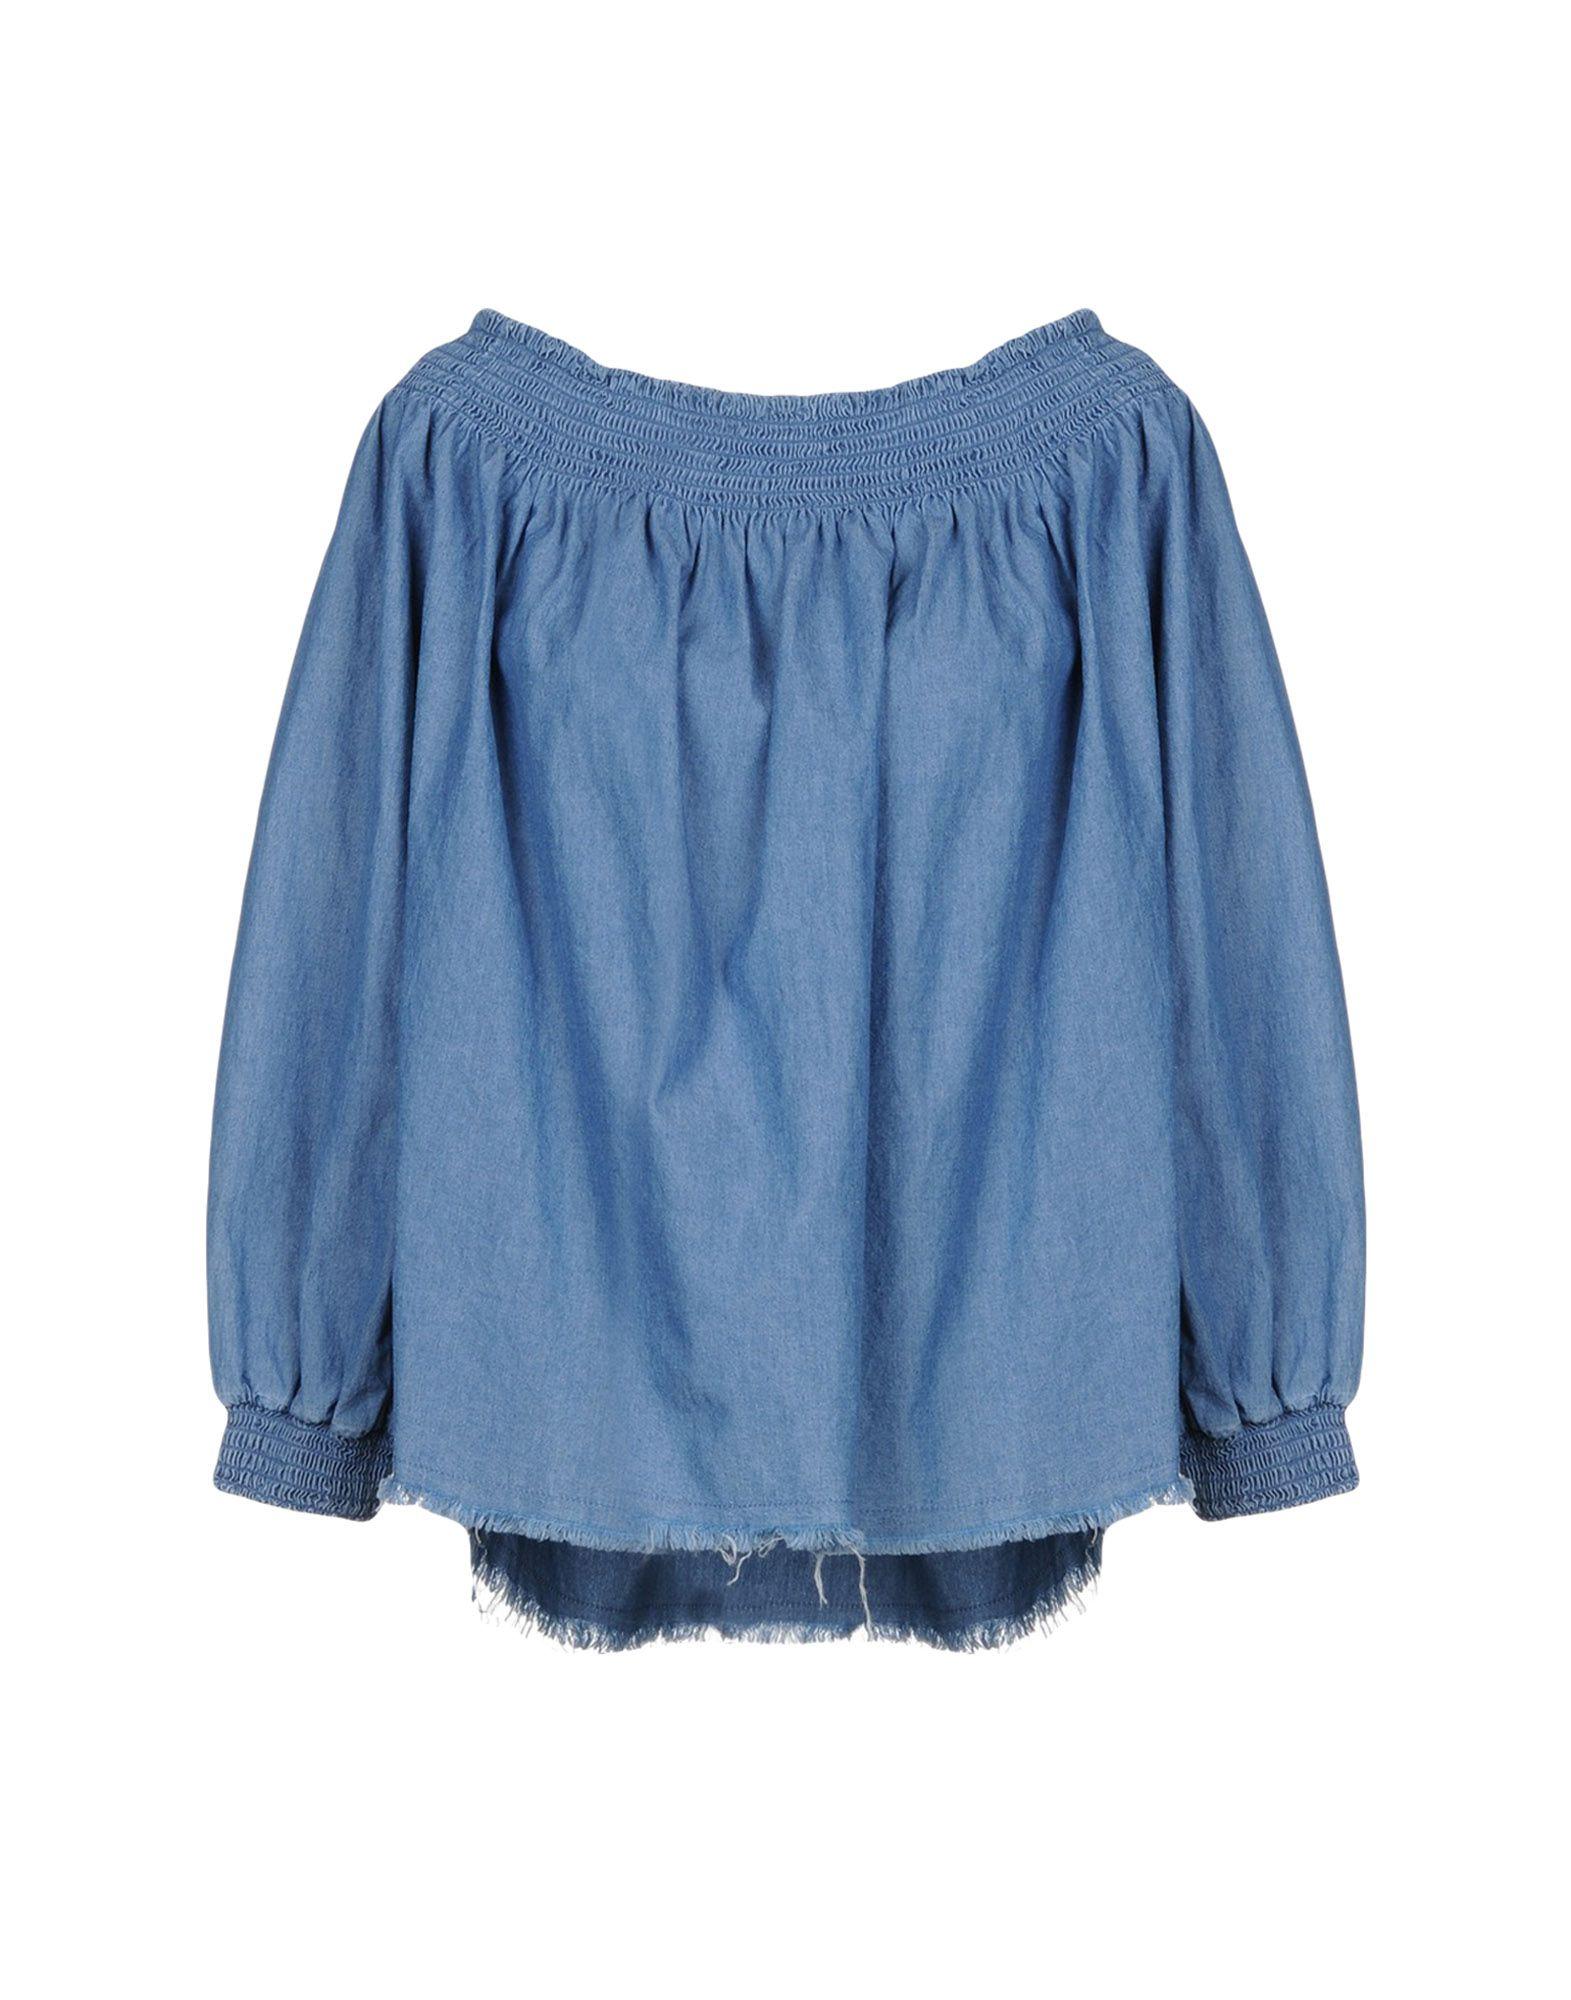 《送料無料》ONE x ONETEASPOON レディース デニムシャツ ブルー XS コットン 100%